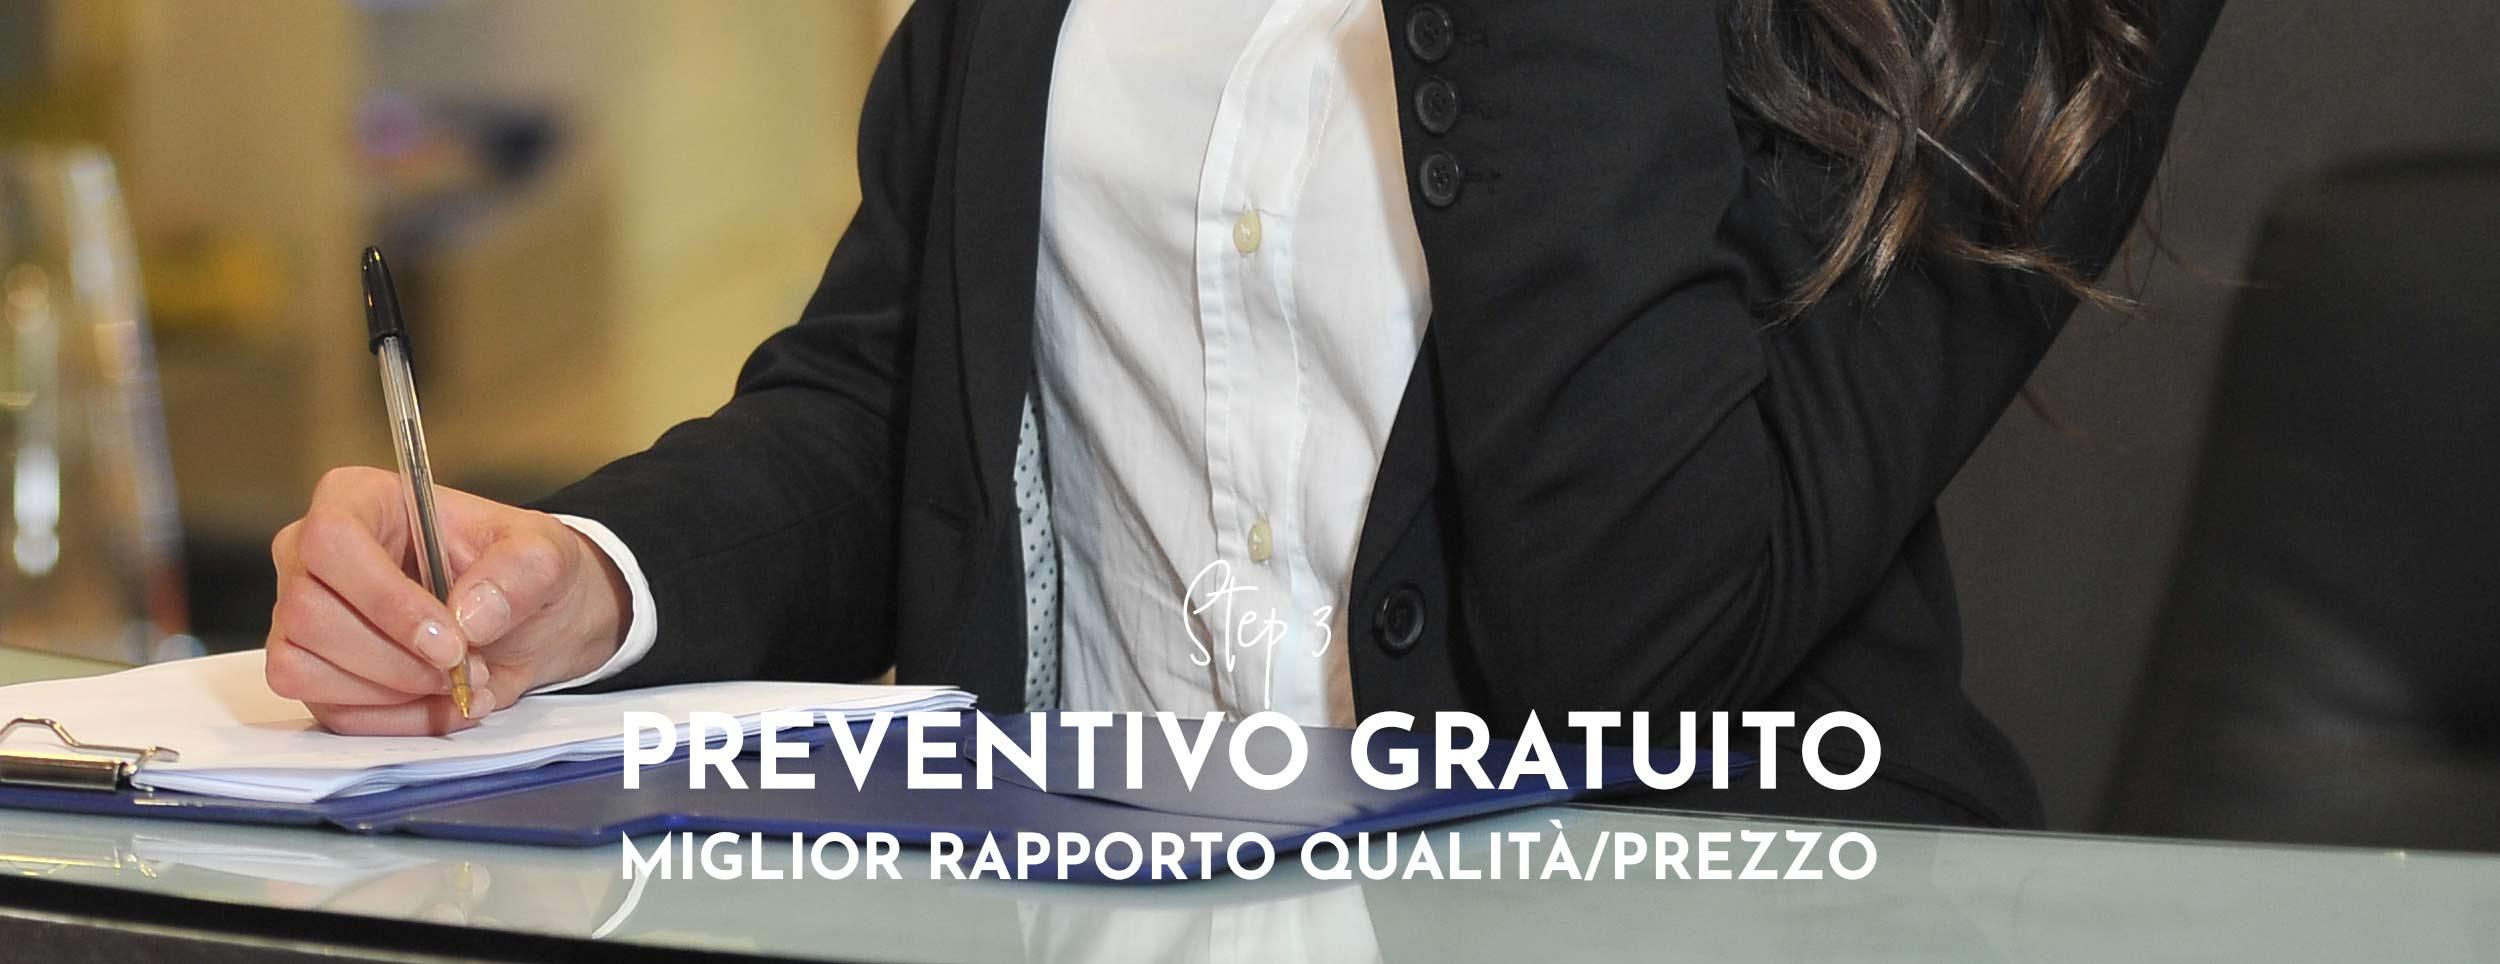 3_preventivo